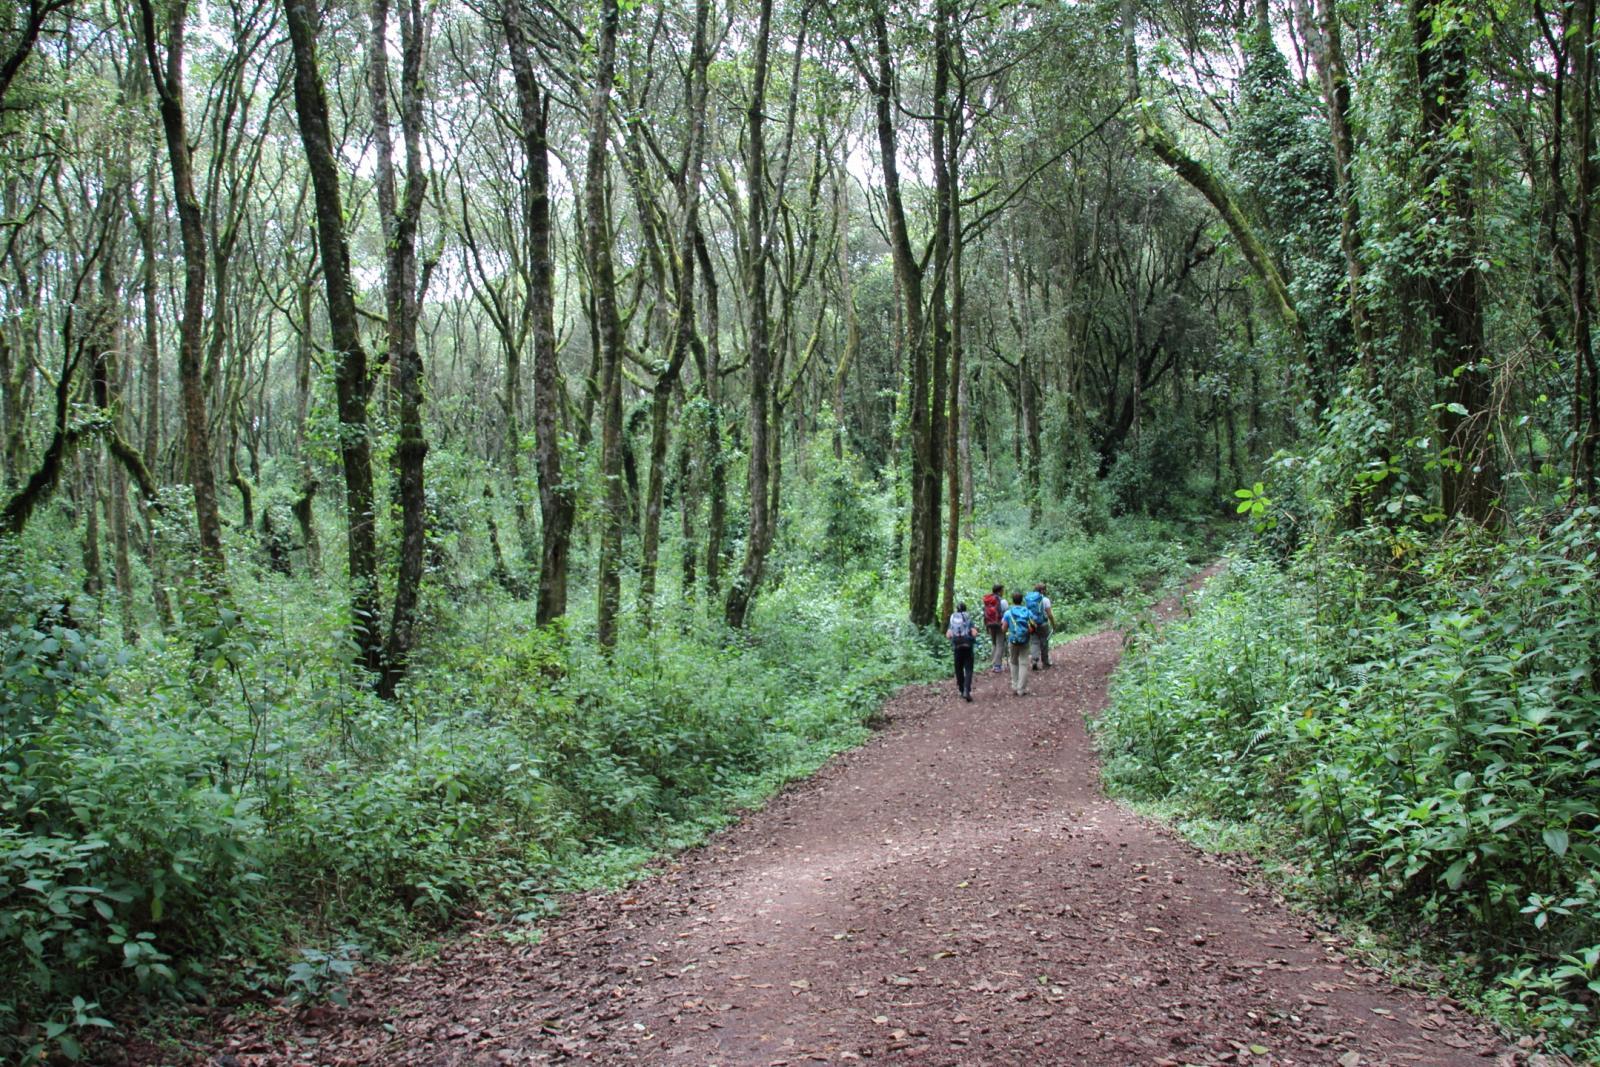 primo tratto nella foresta pluviale oltre il Machame Gate (21-8-2014)